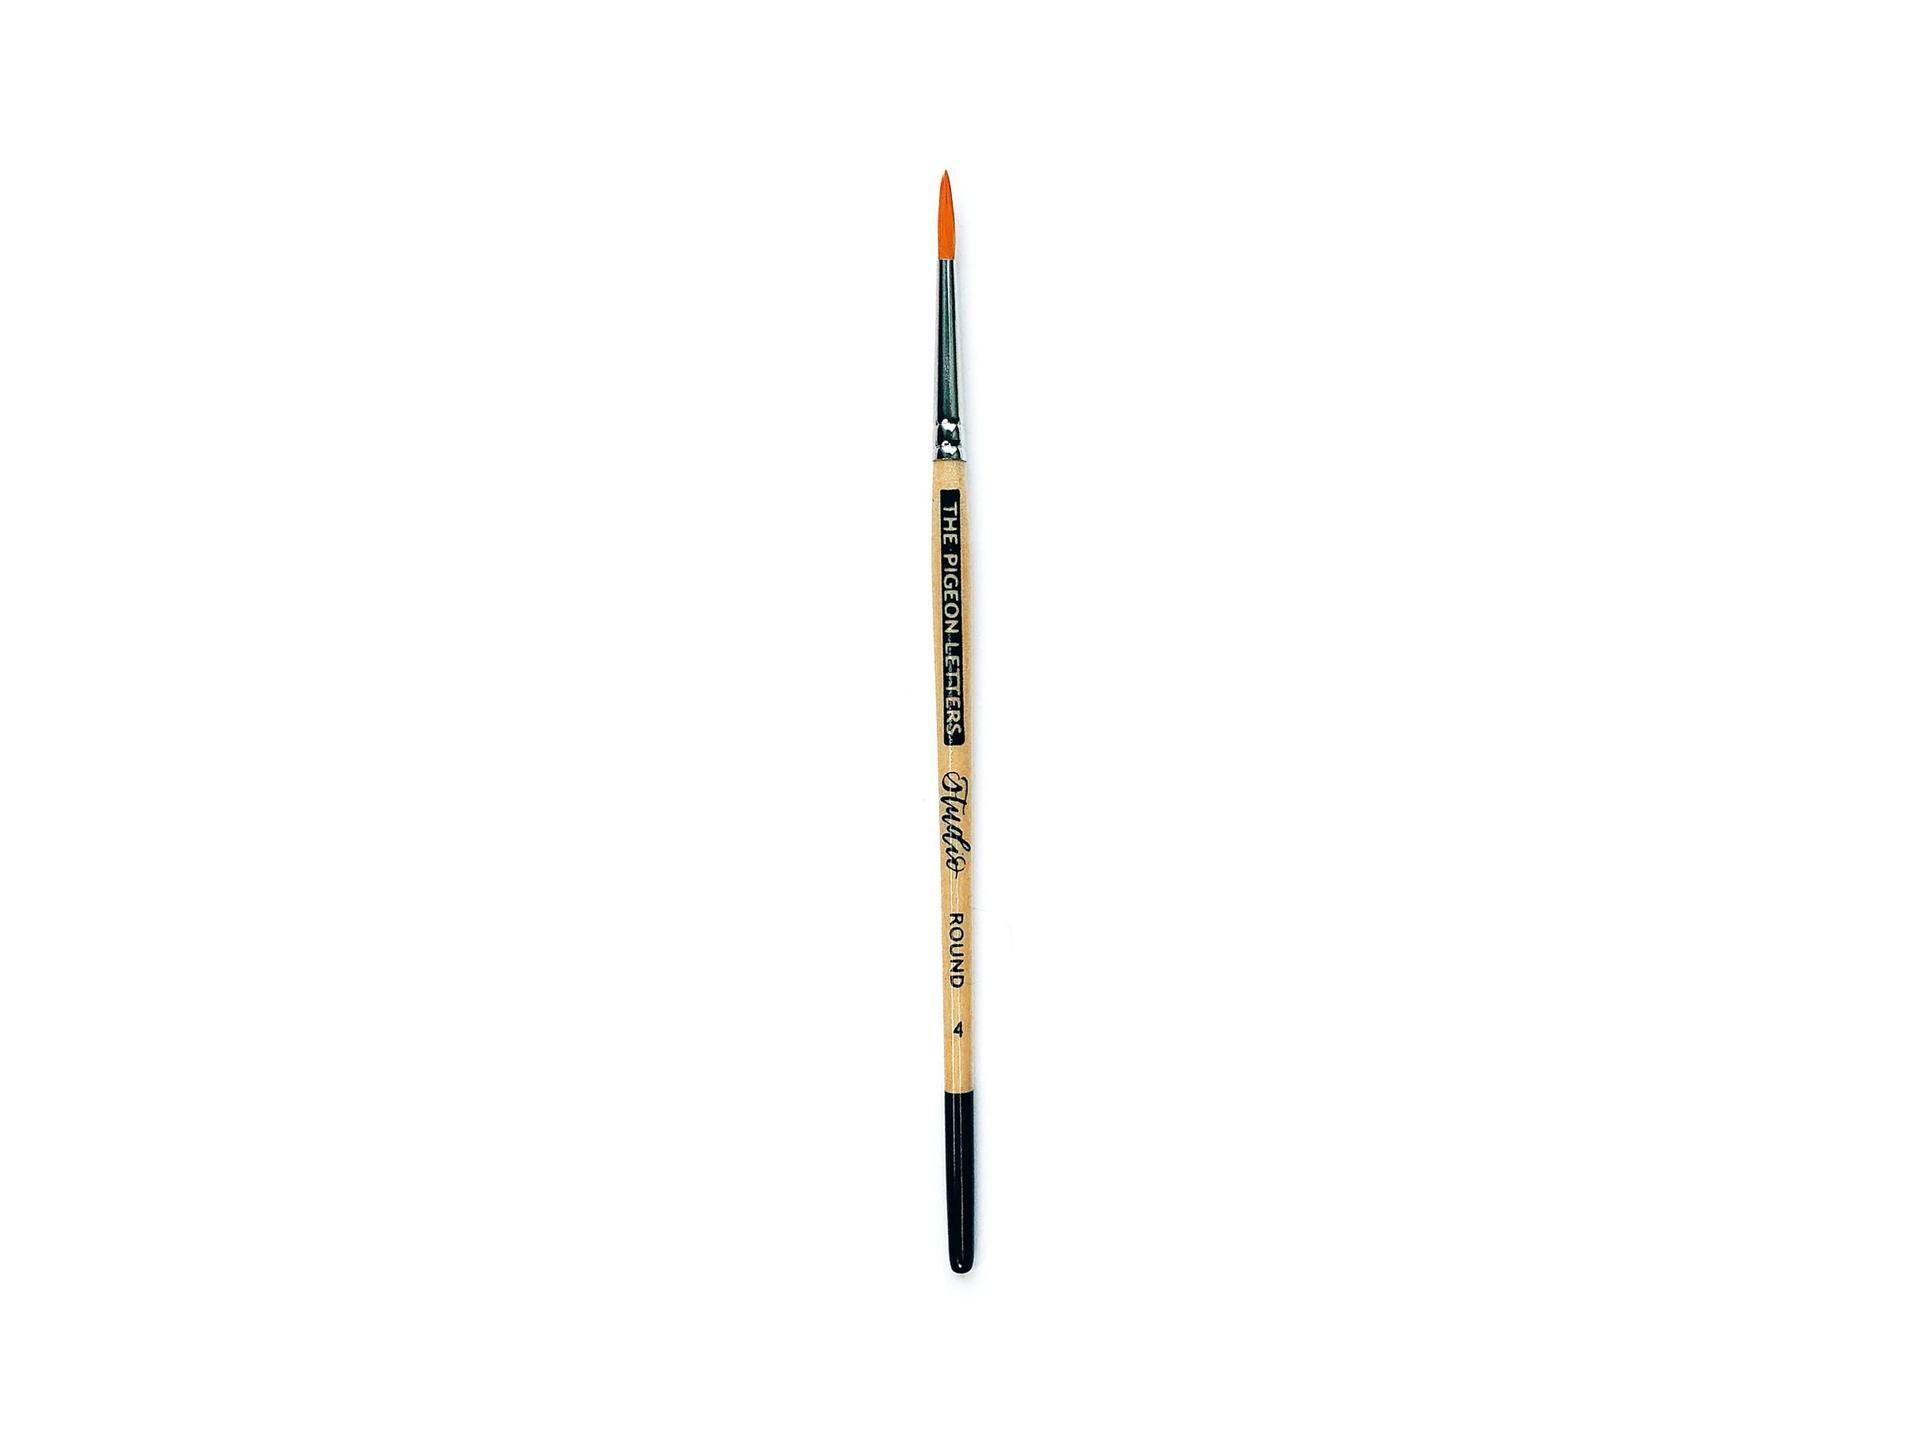 Cruelty-free paint brushes